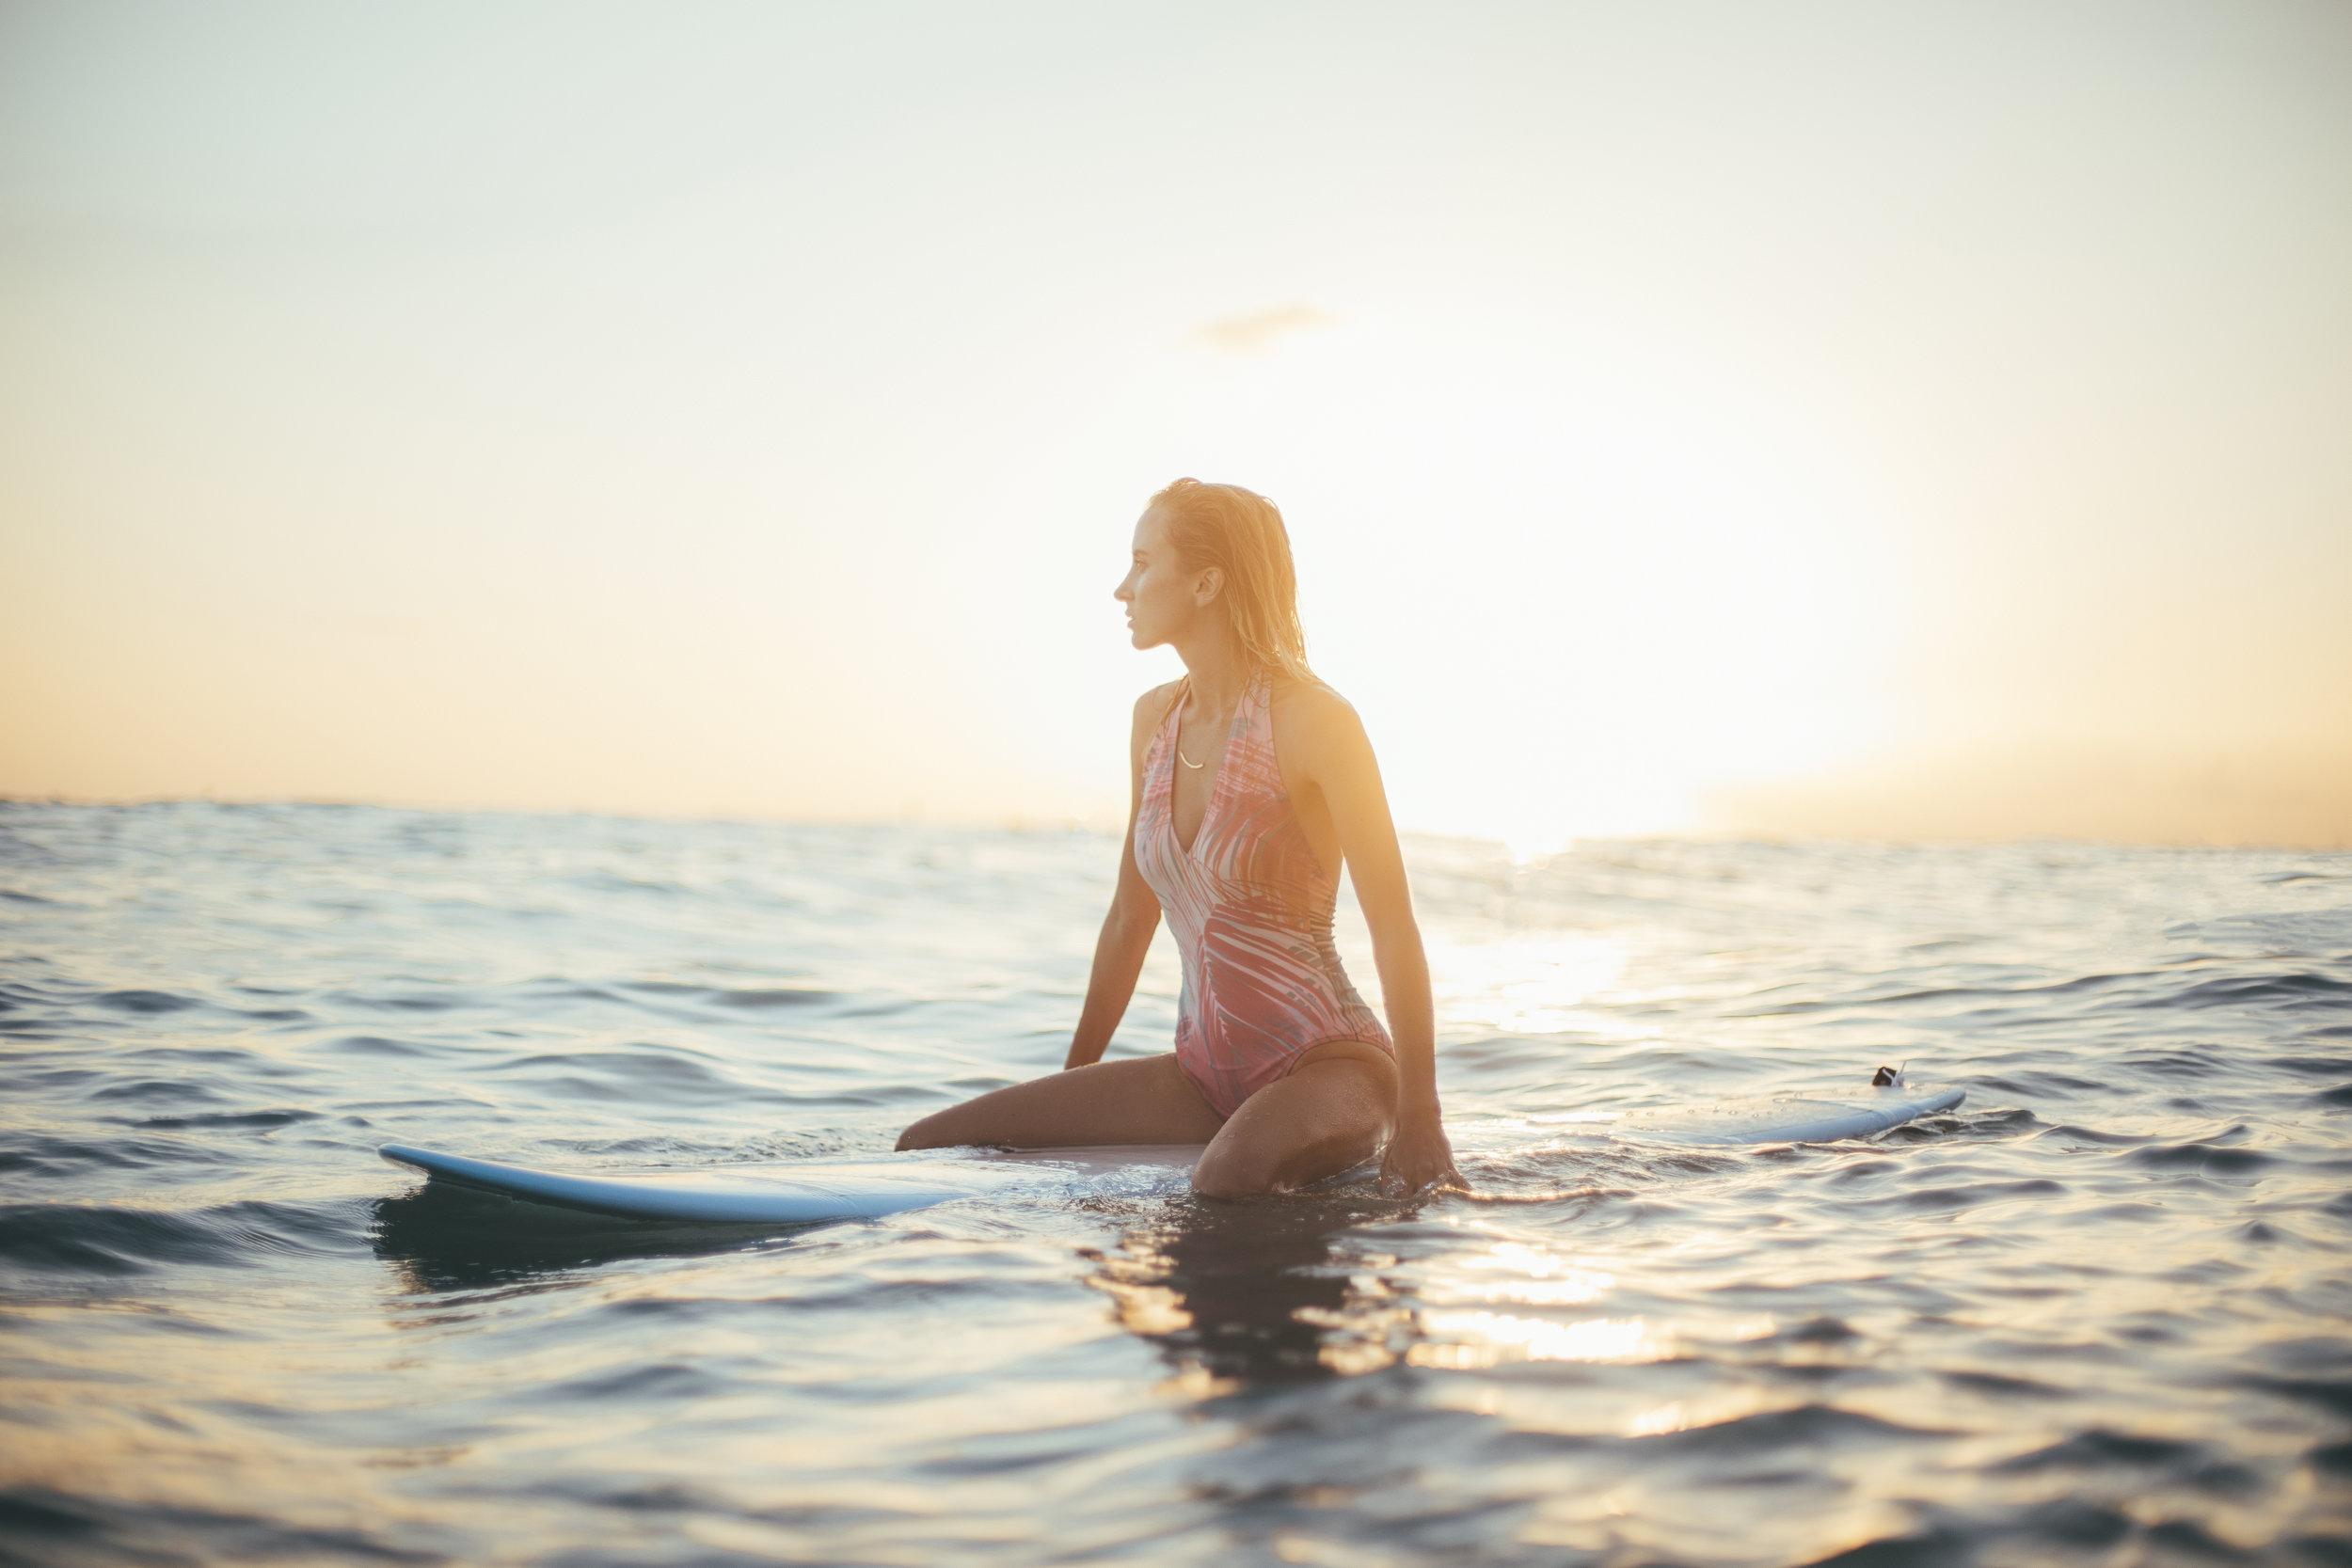 """""""On ne peut pas arrêter les vagues,mais on peut apprendre à surfer."""" - Jon Kabat Zinn"""